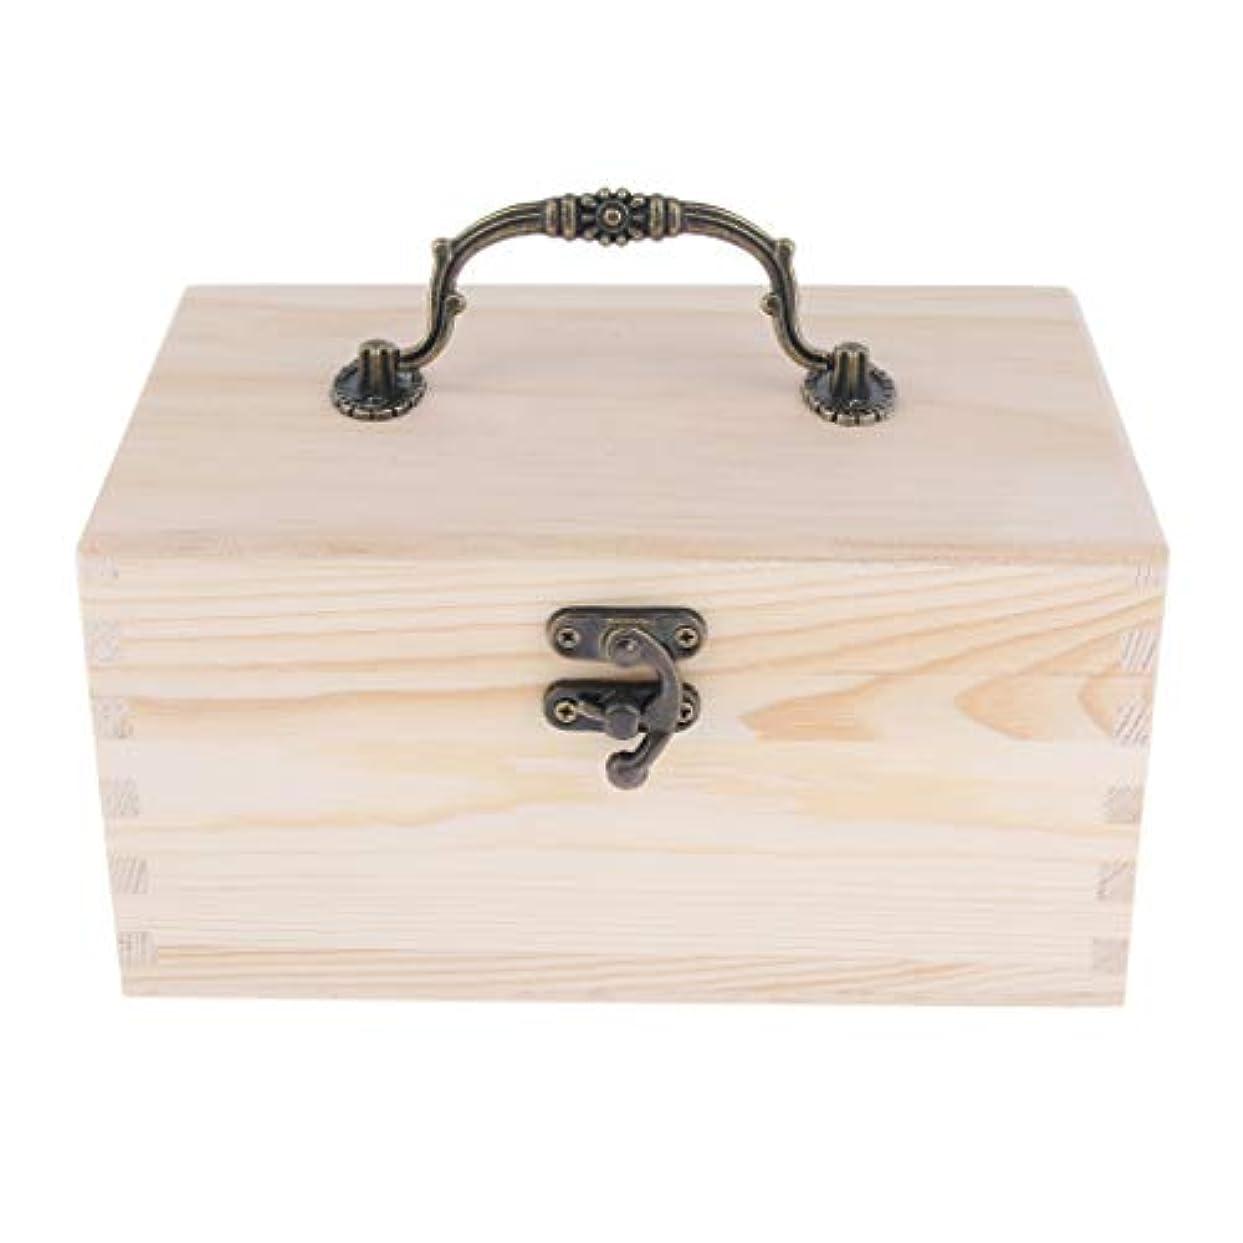 レンチ文芸俳句家庭 サロン オイルケース アロマケース 精油瓶 収納ボックス 天然木 15本用 20ミリボトル